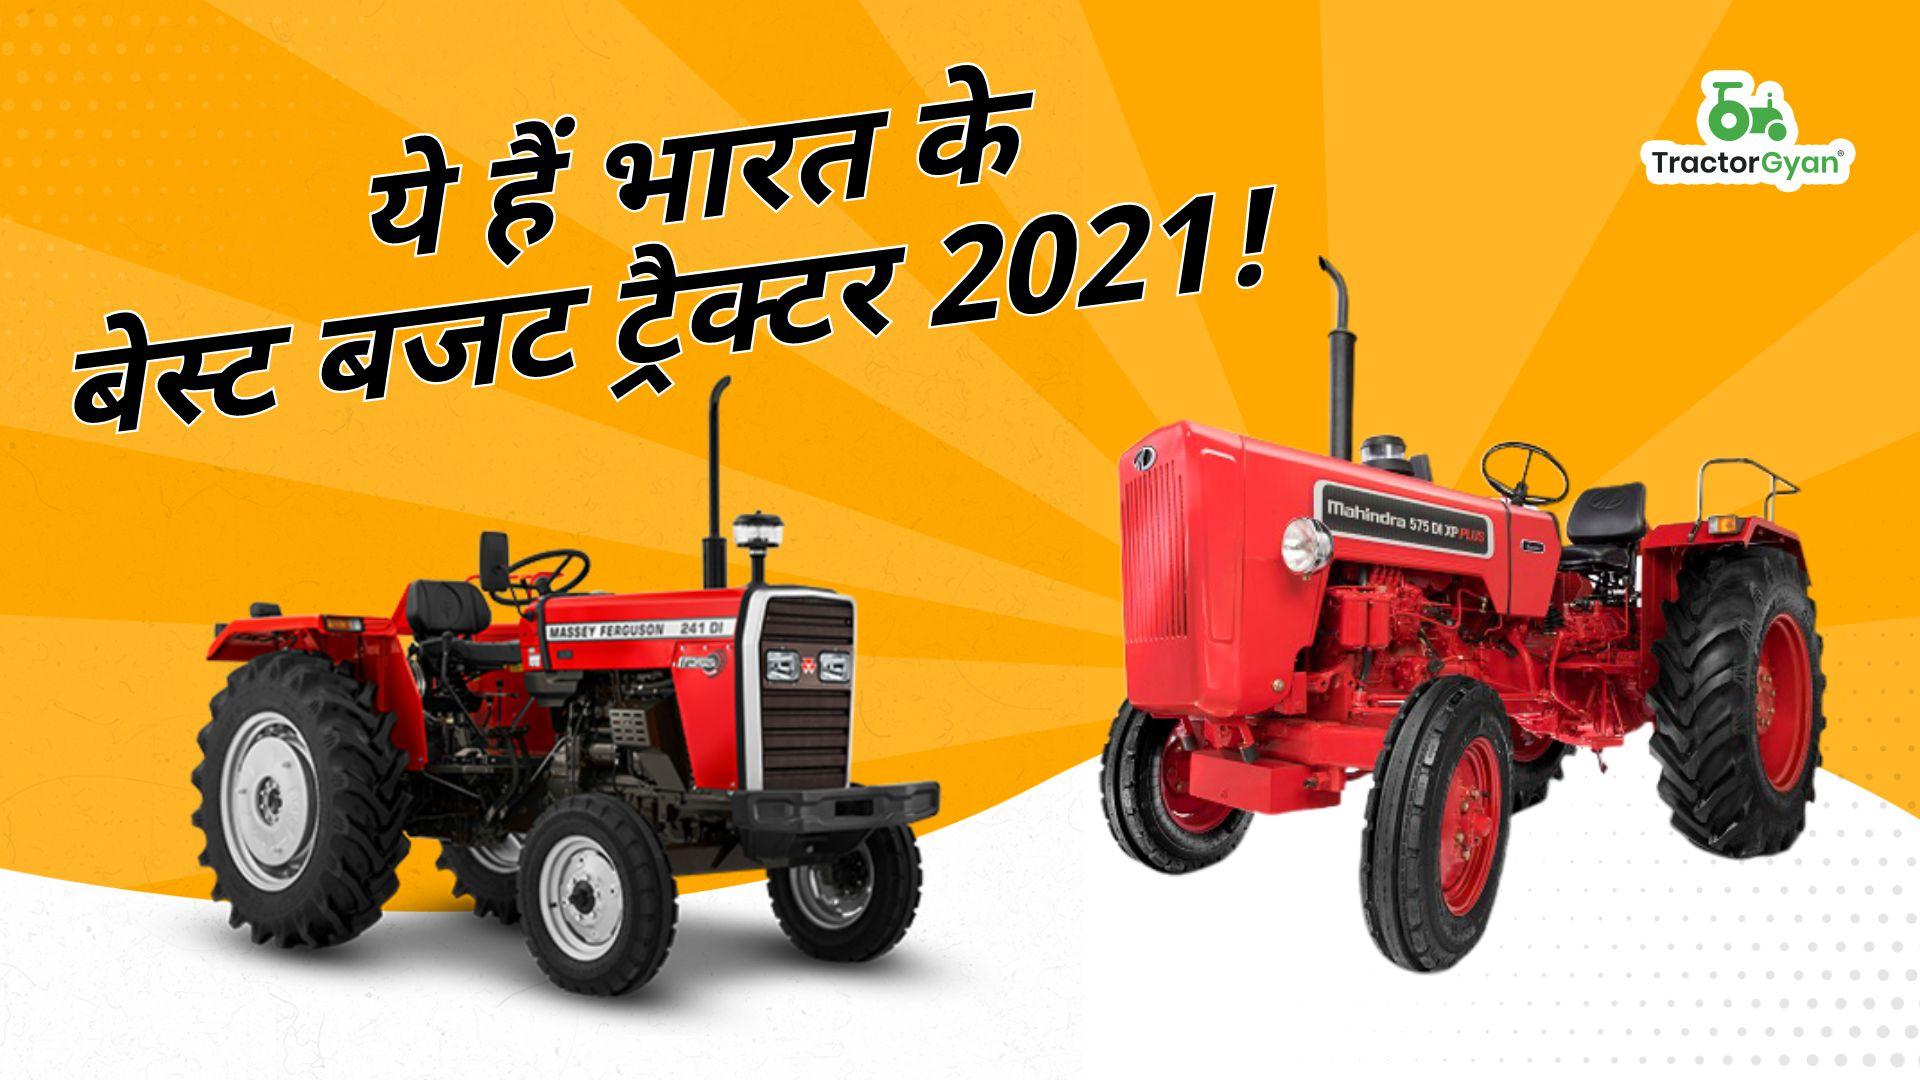 ये हैं भारत के बेस्ट बजट ट्रैक्टर 2021!